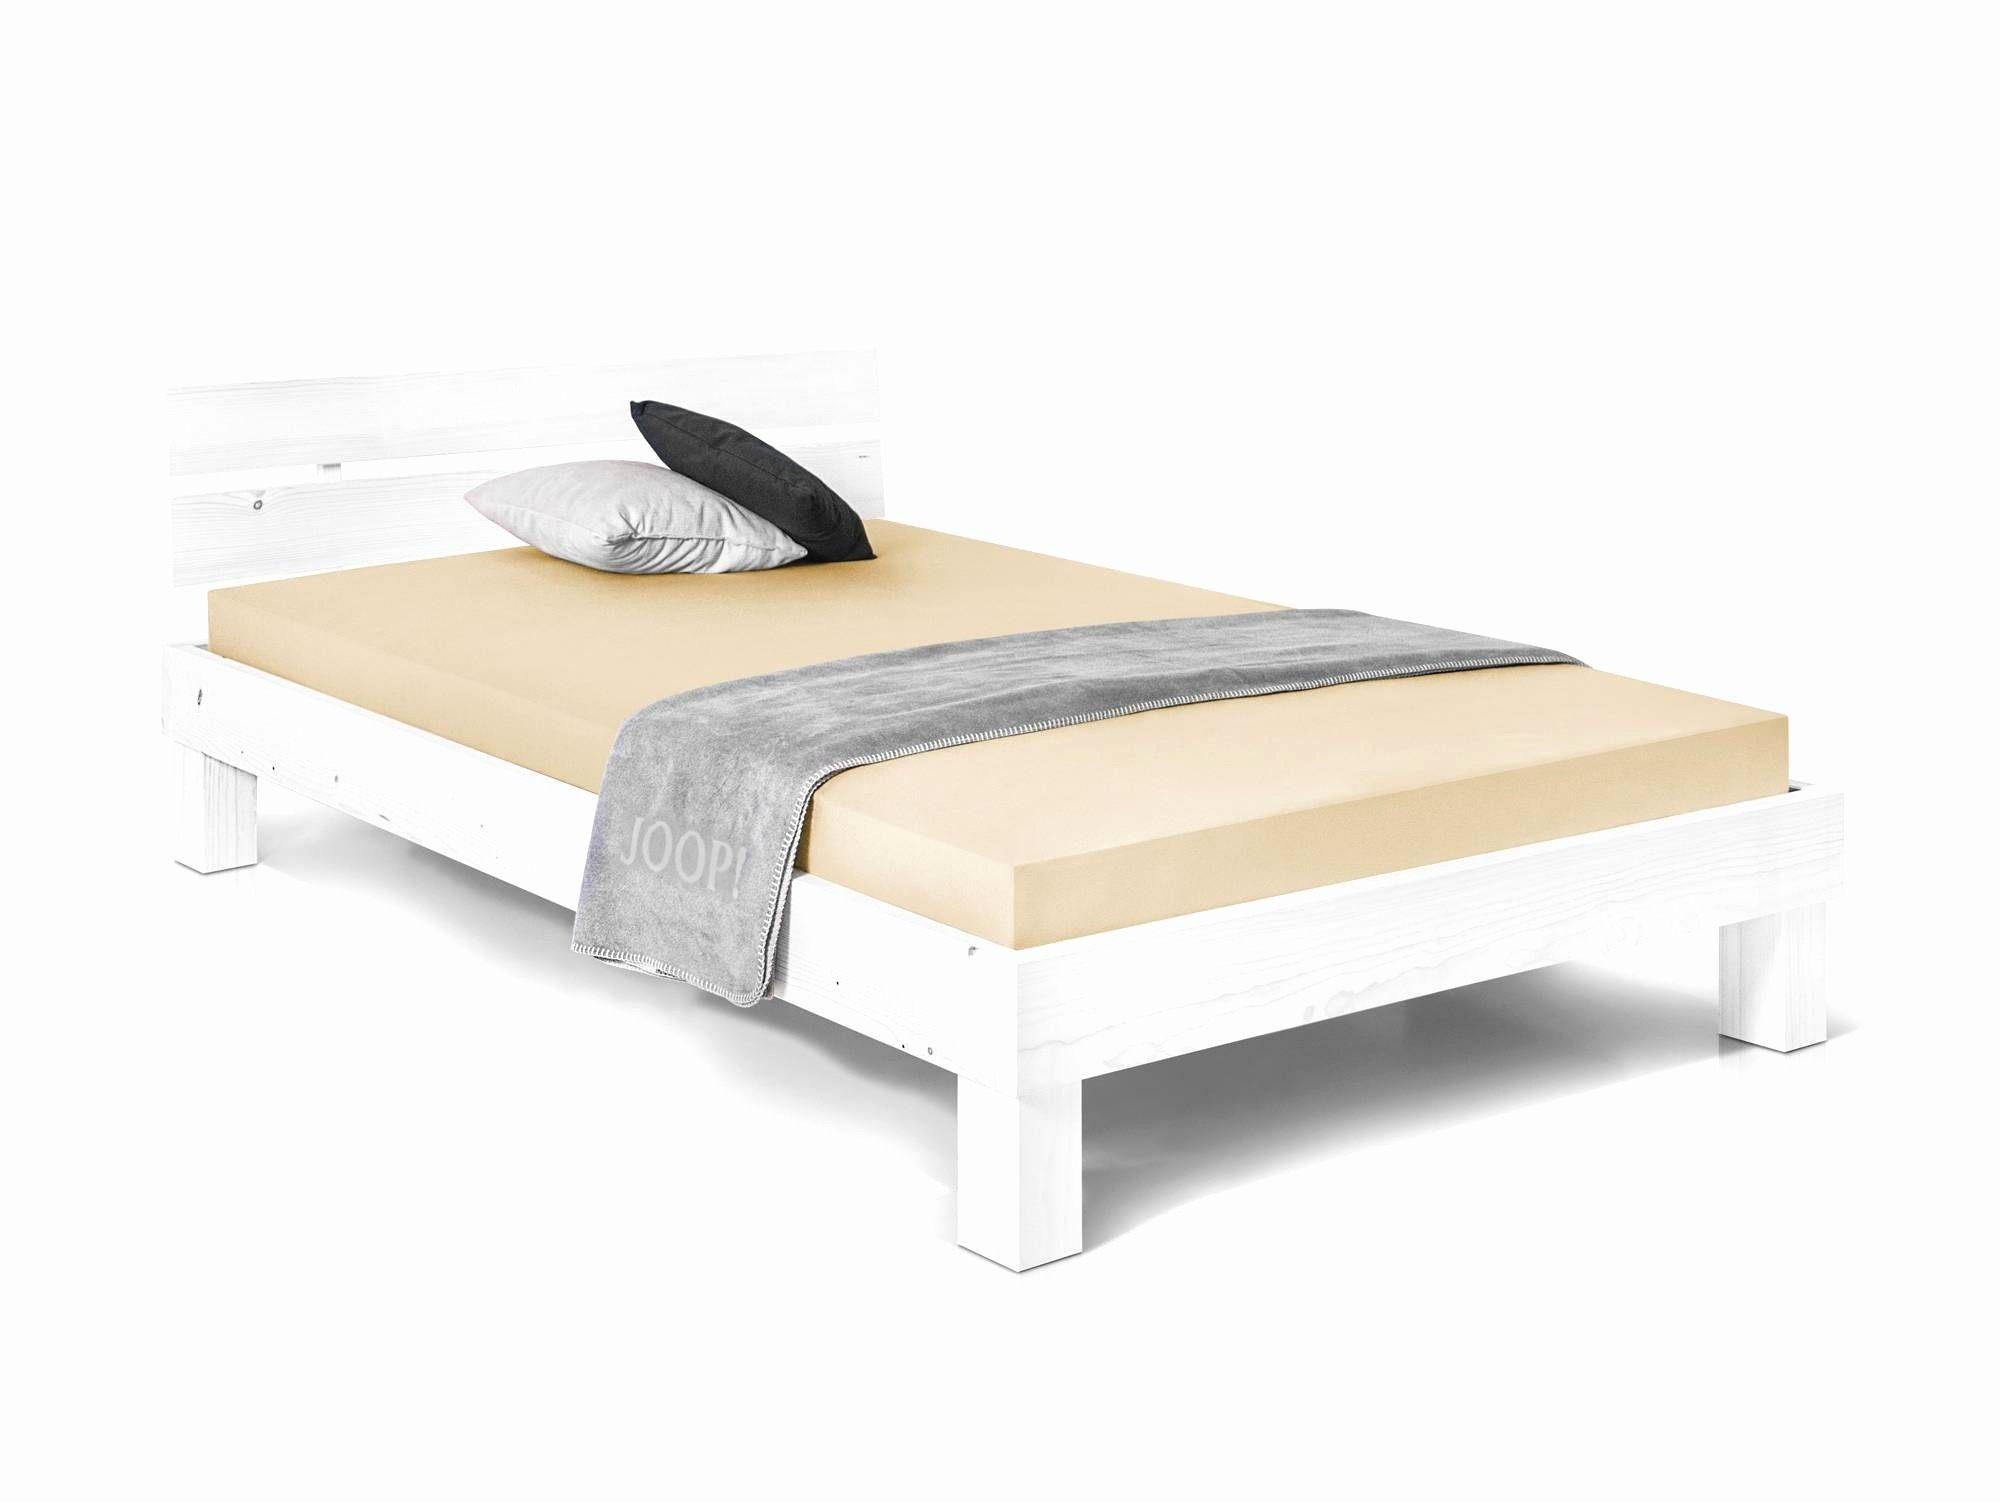 Lit Cododo Ikea Charmant Matelas Cododo Beau Collection Ikea Lit Convertible Banquette Futon